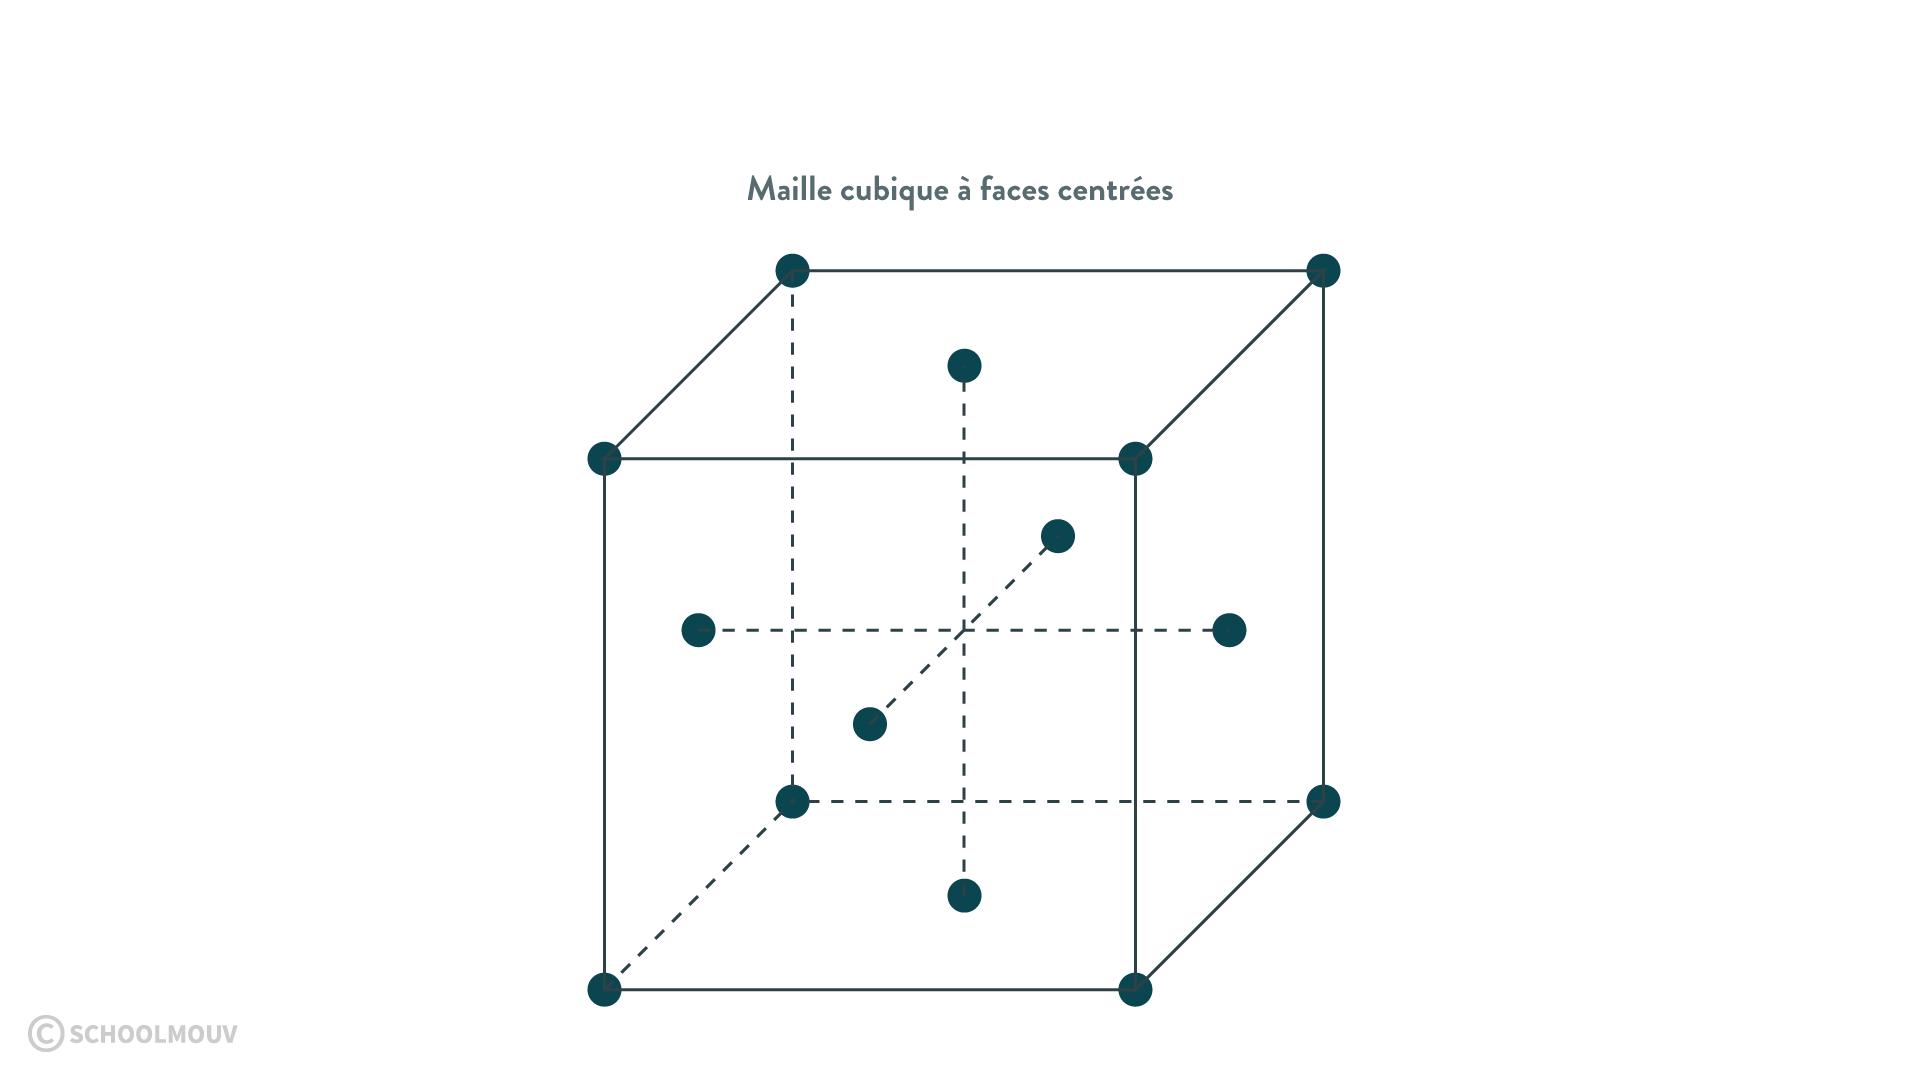 cristal maille cubique à faces centrées